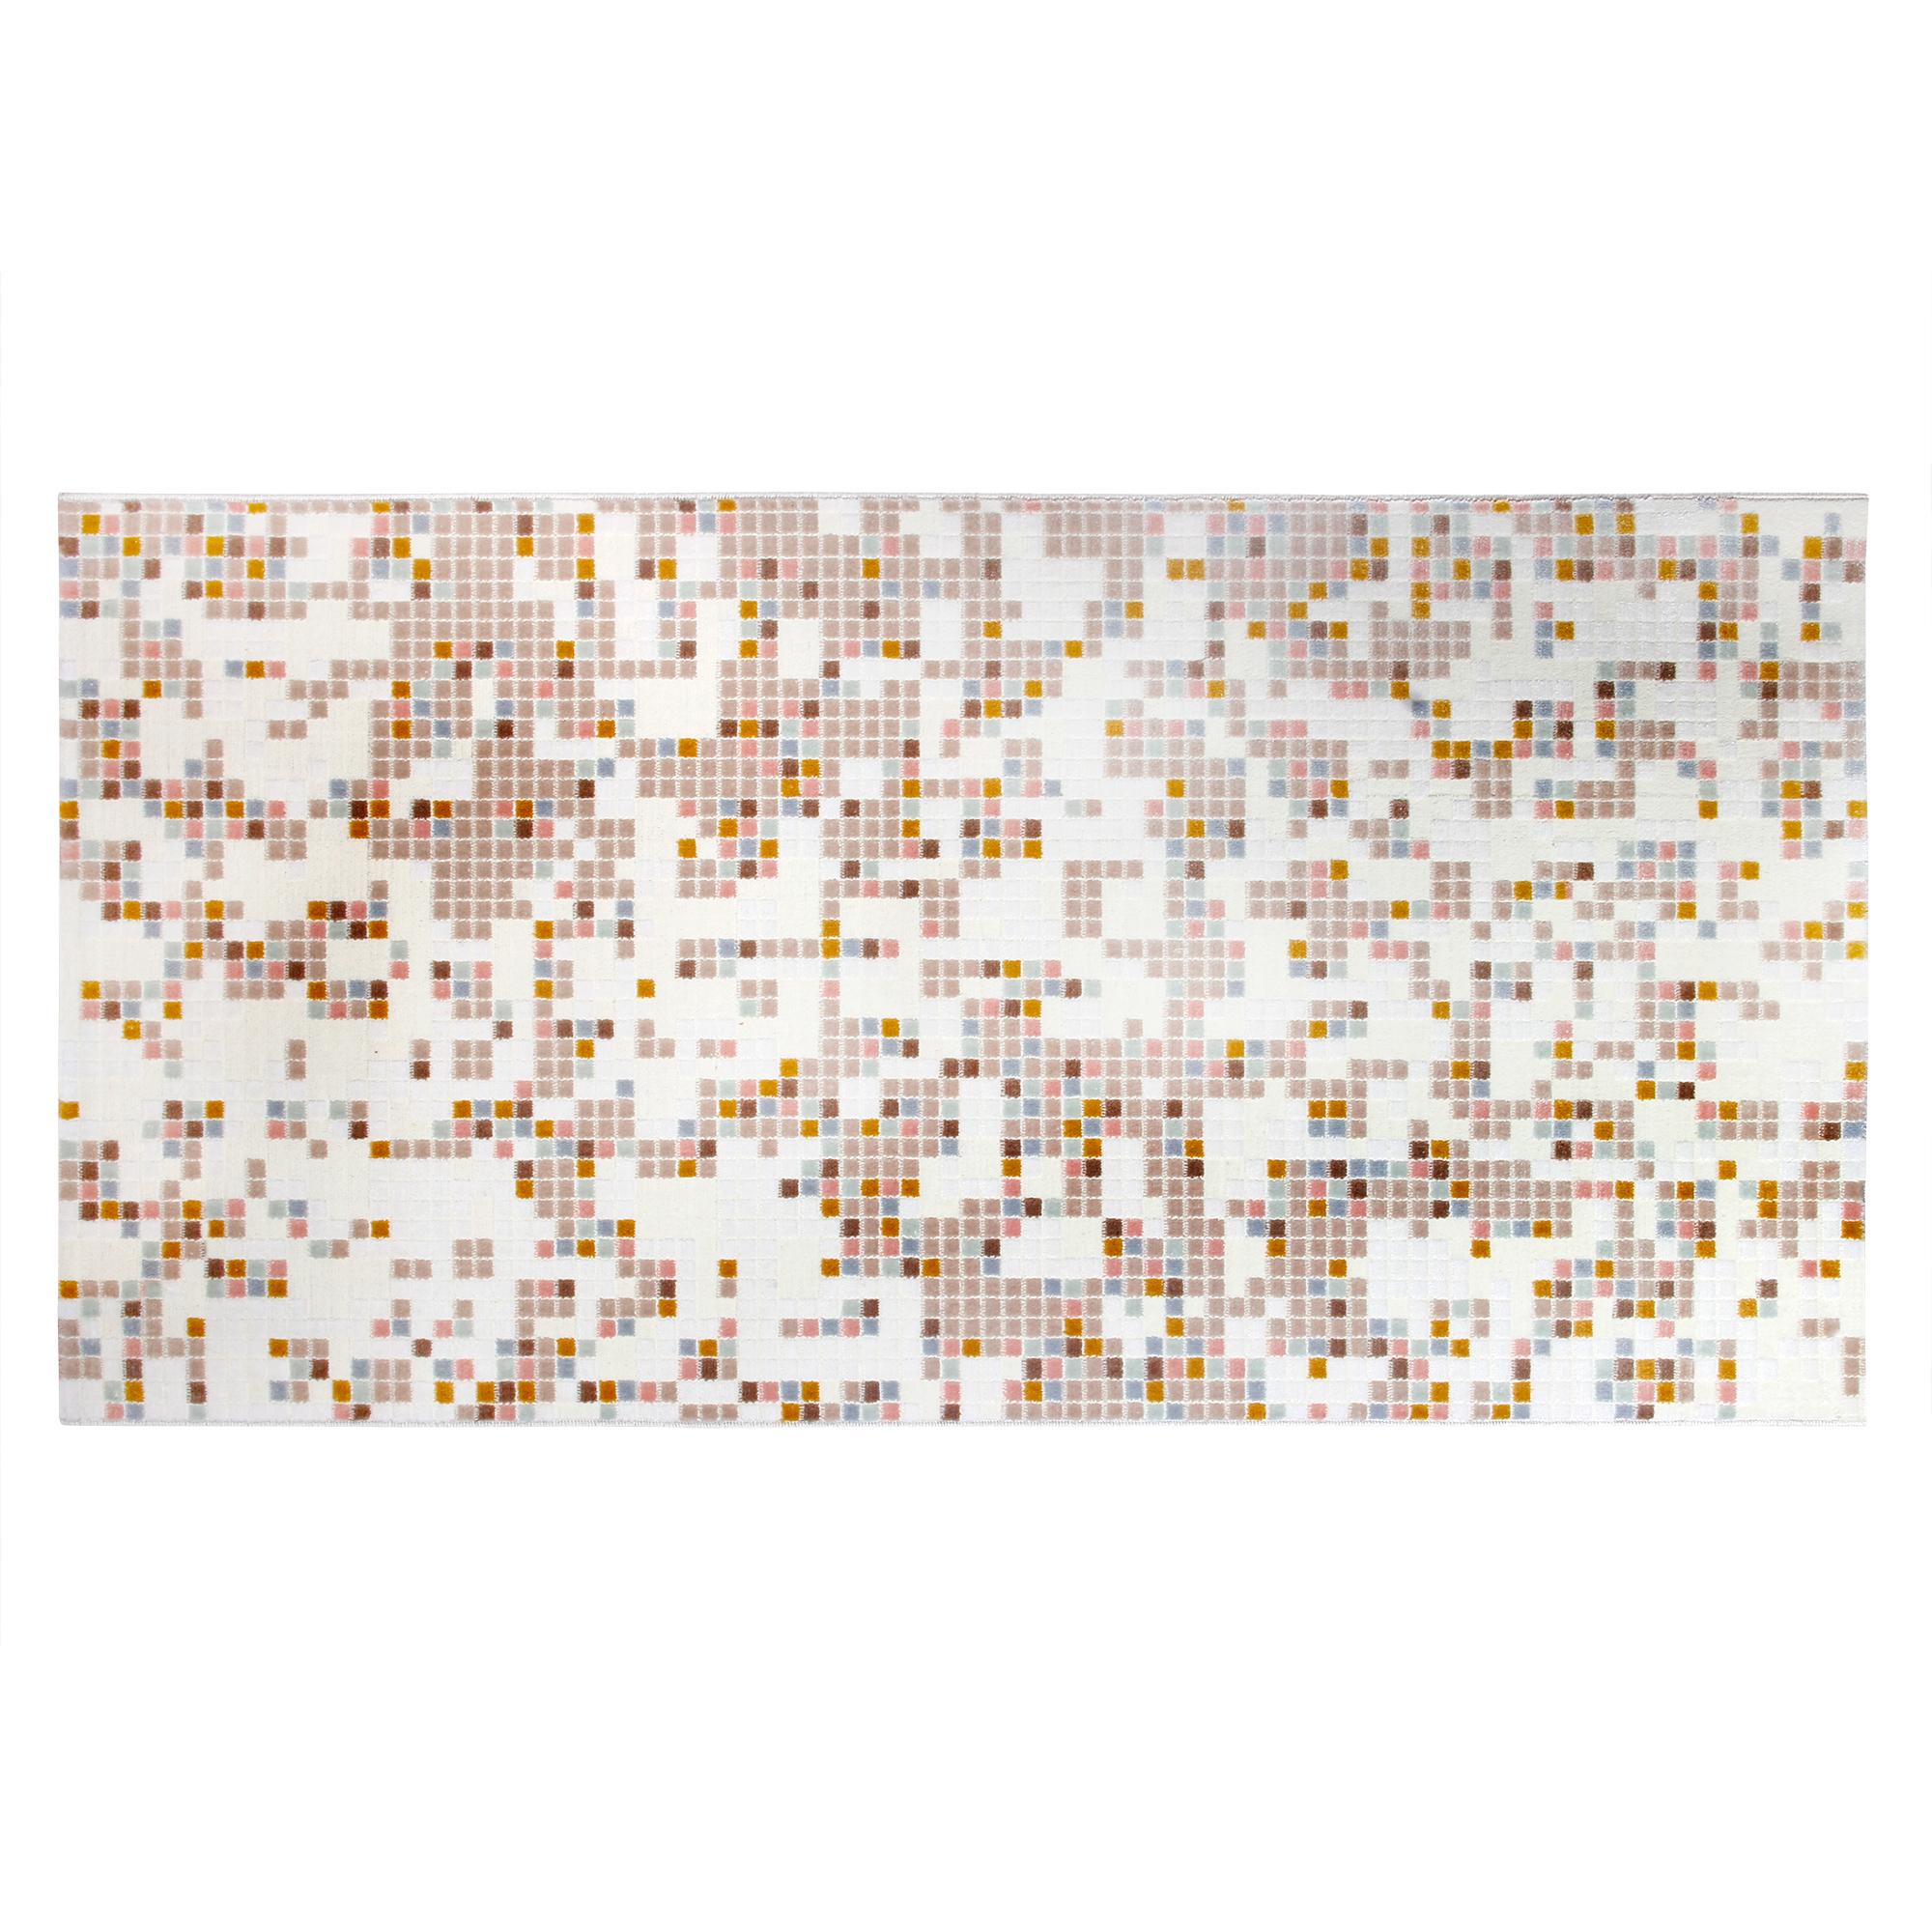 Ковёр 0.80х1.50 сарай якамоз 12776/уайт Ковровые галереи фото